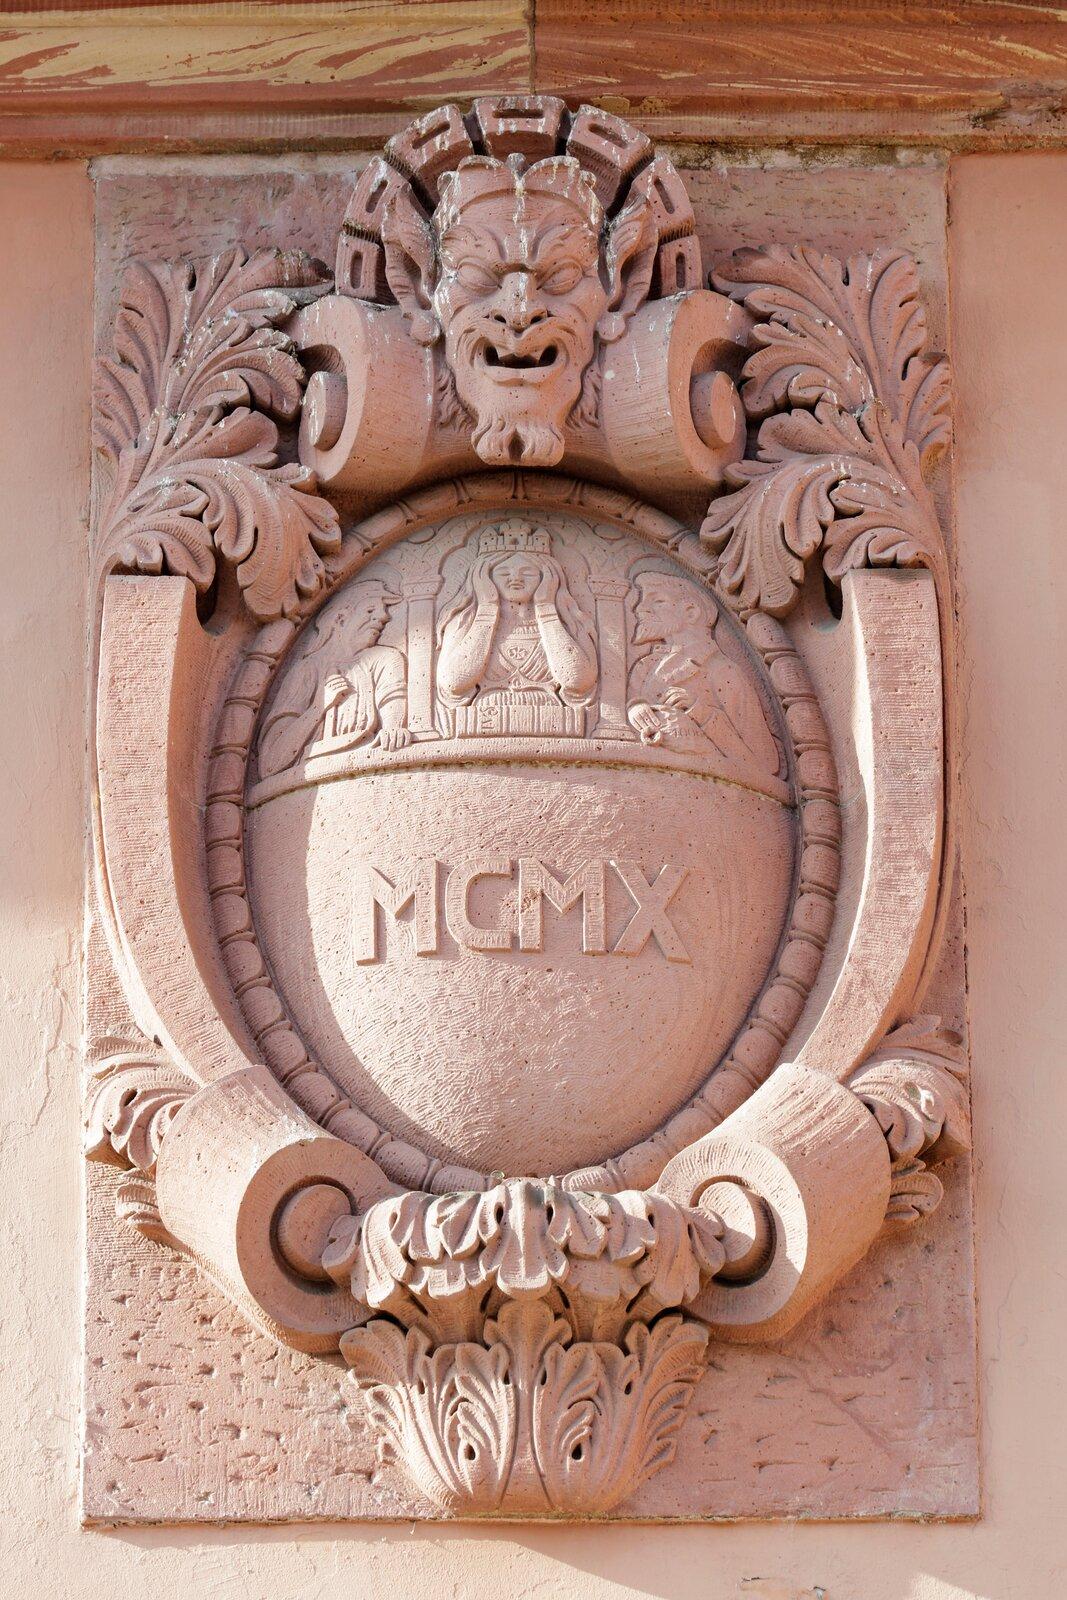 Ilustracja przedstawia ornament – kartusz. Element jest przymocowany do ściany iprzedstawia głowę człowieka zotwartymi ustami. Poniżej głowy znajduje się wypukły element zpłaskorzeźbą oraz znapisem MCMX.